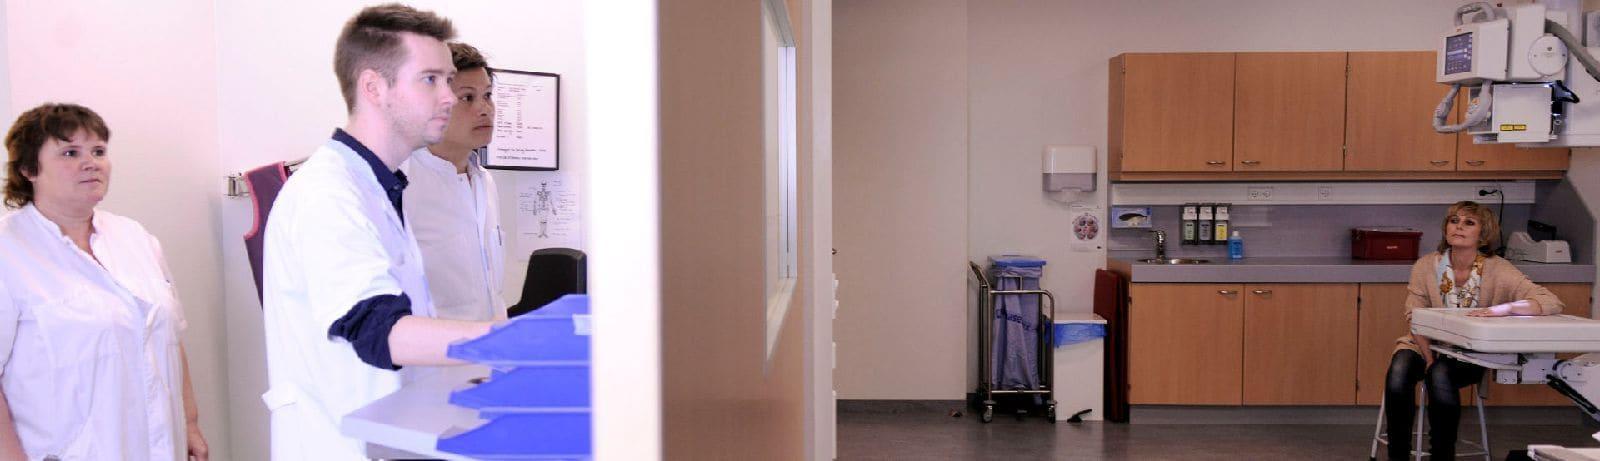 artsen-in-ziekenhuis-bekijken-rontgenfoto